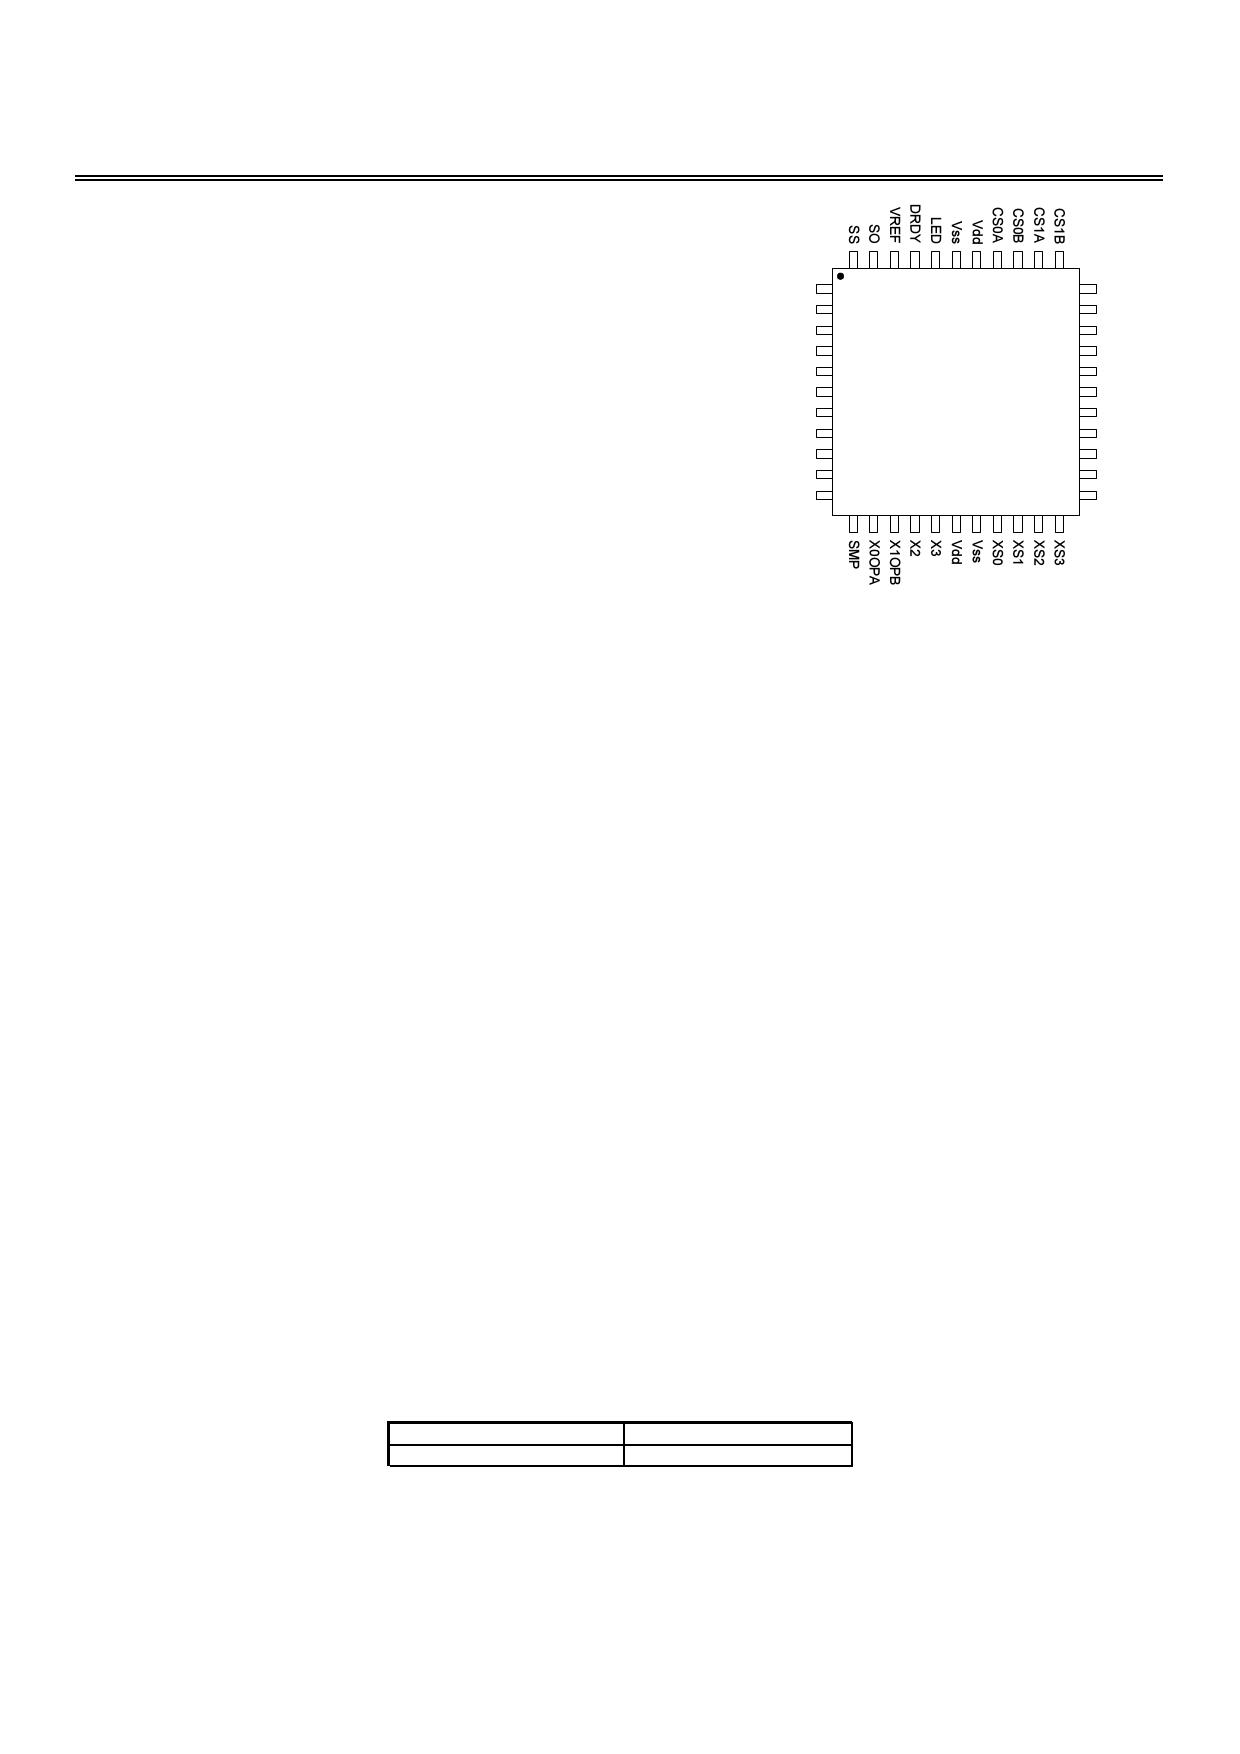 QT60161B datasheet